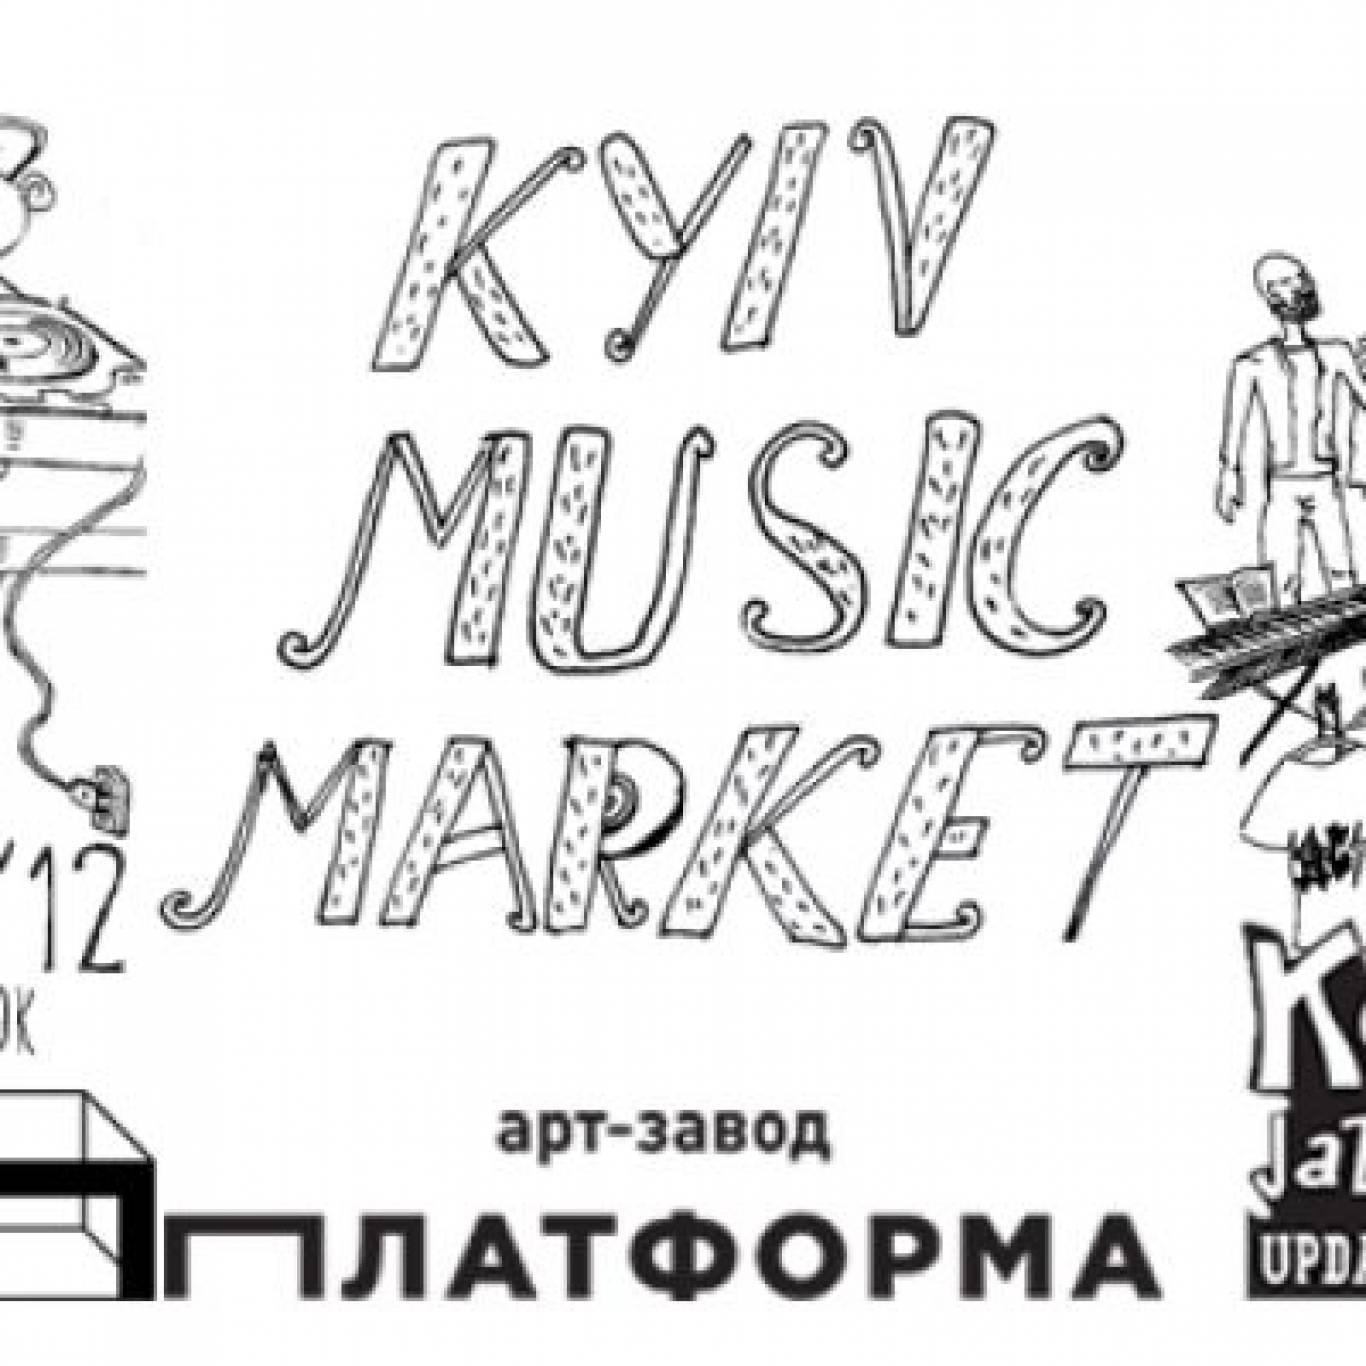 Музична виставка: Kyiv Music Market